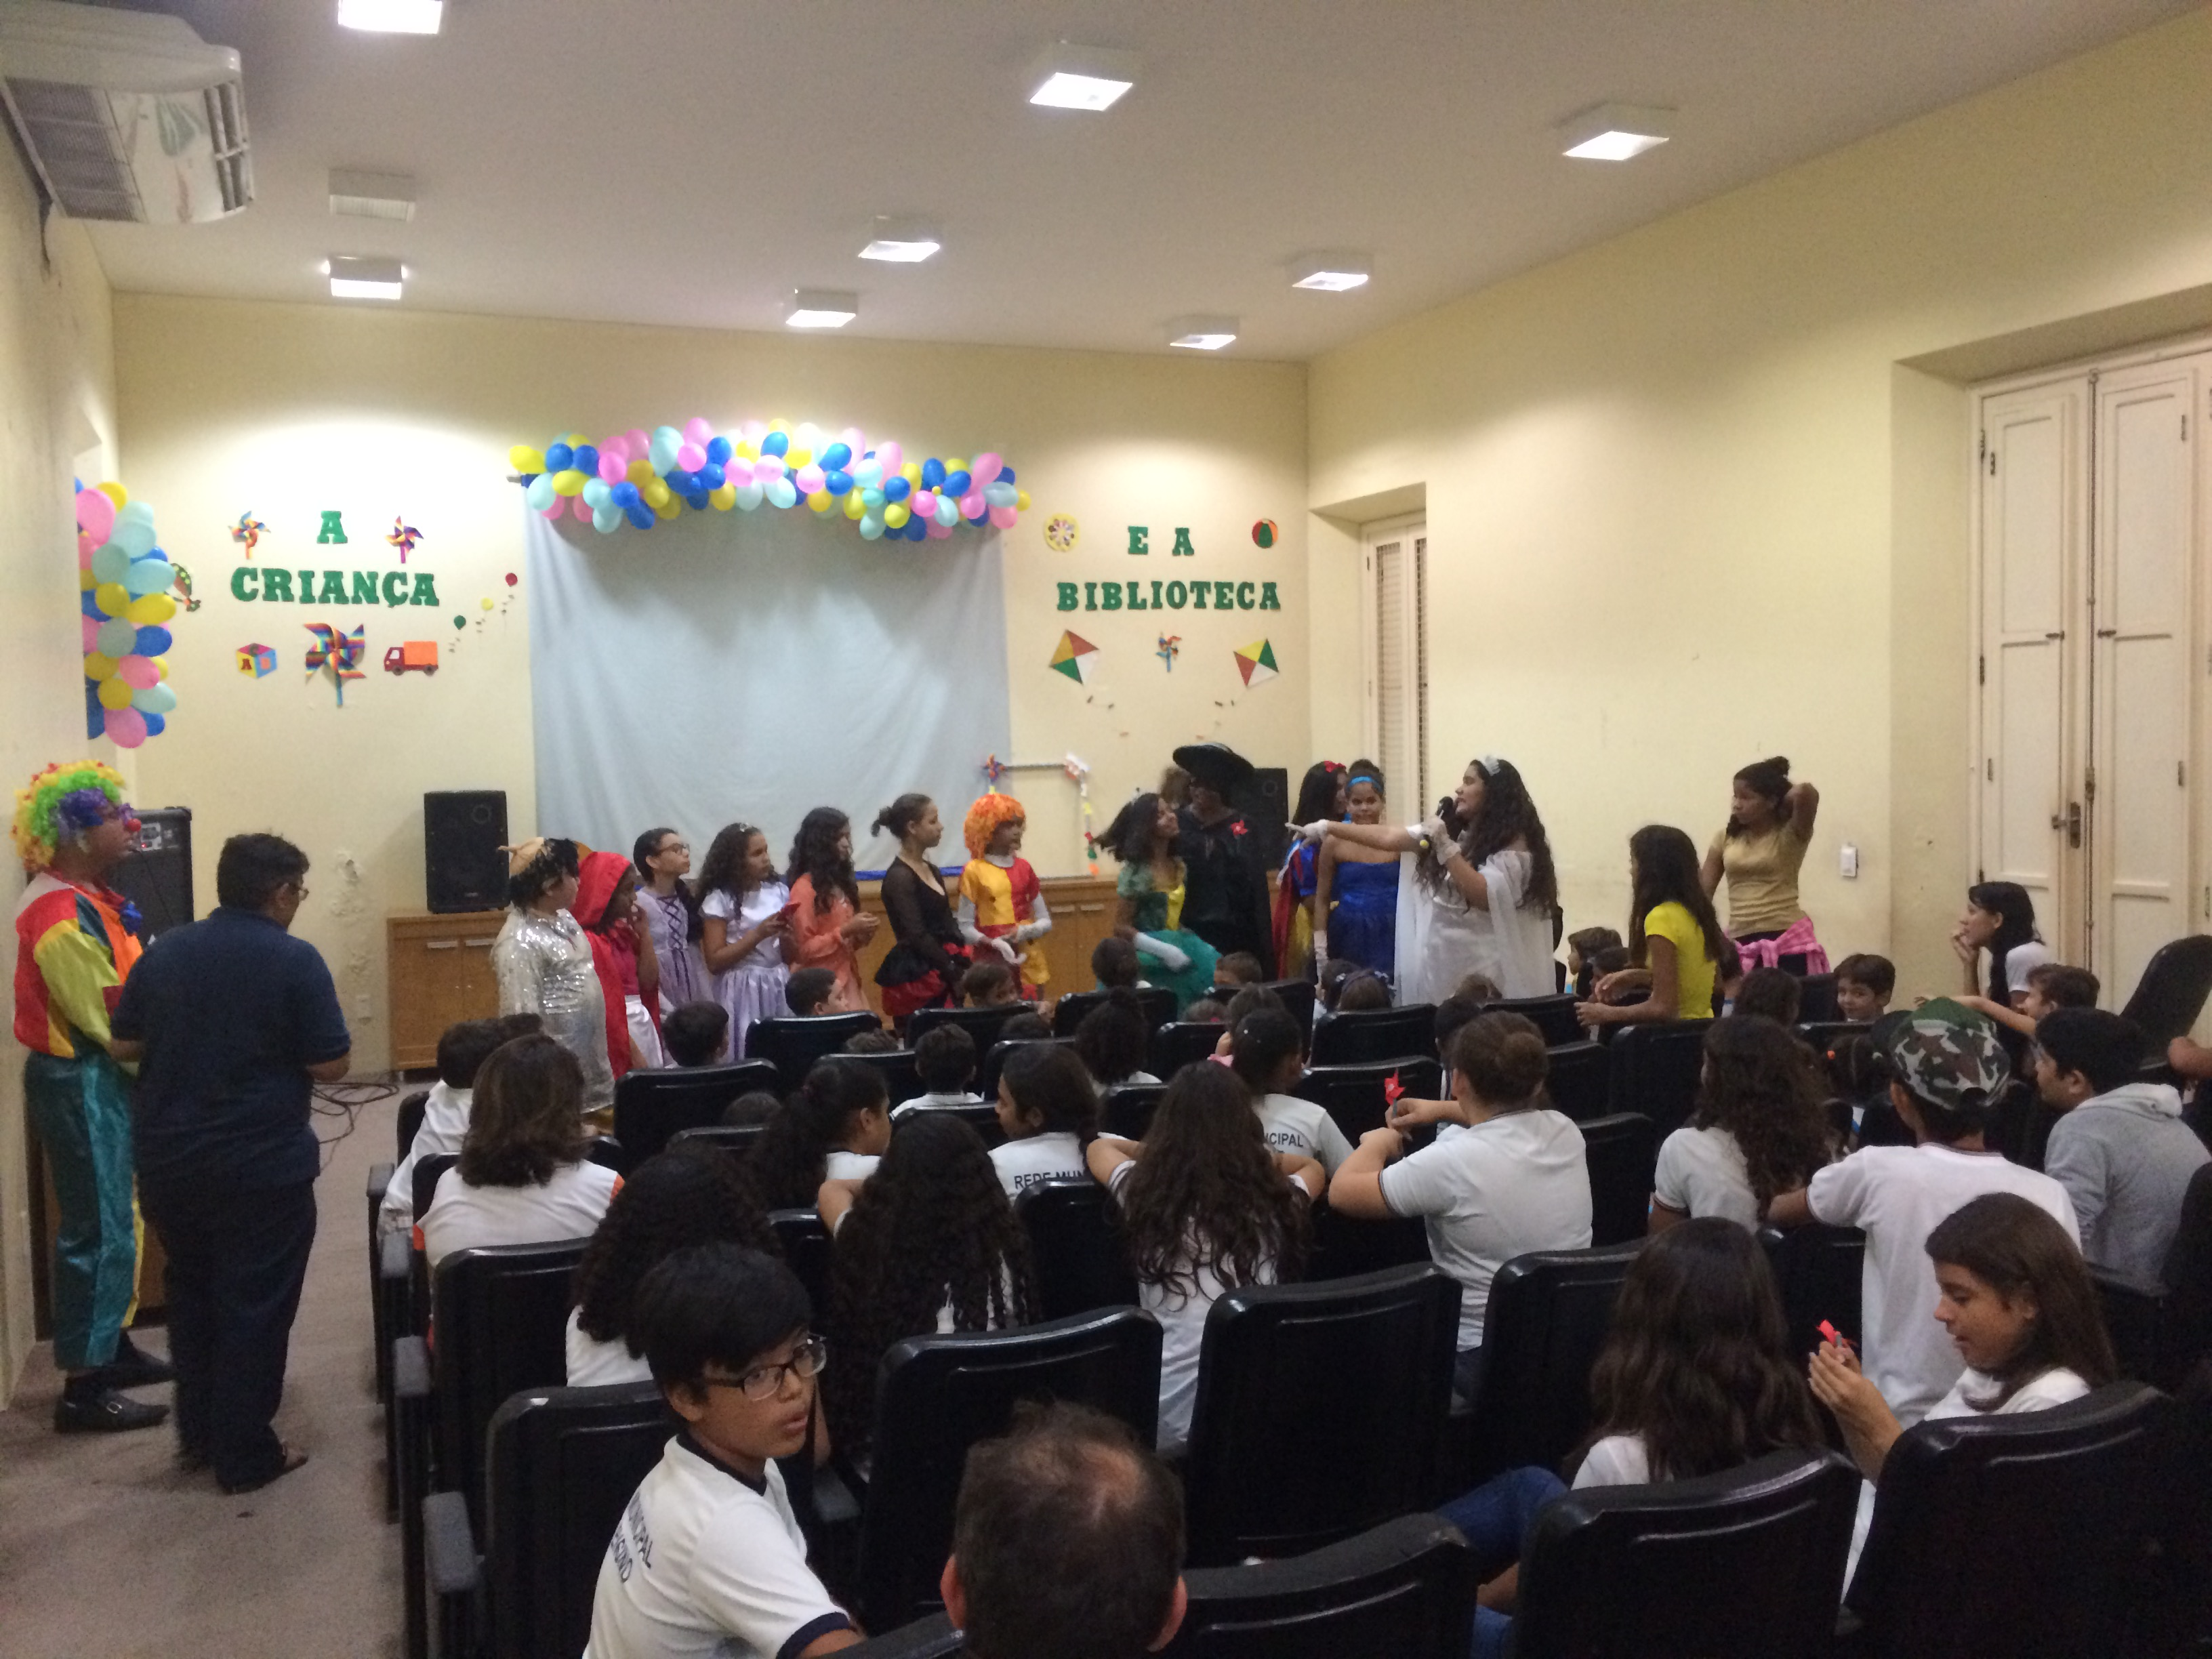 Semana da Criança é iniciada na Biblioteca Municipal